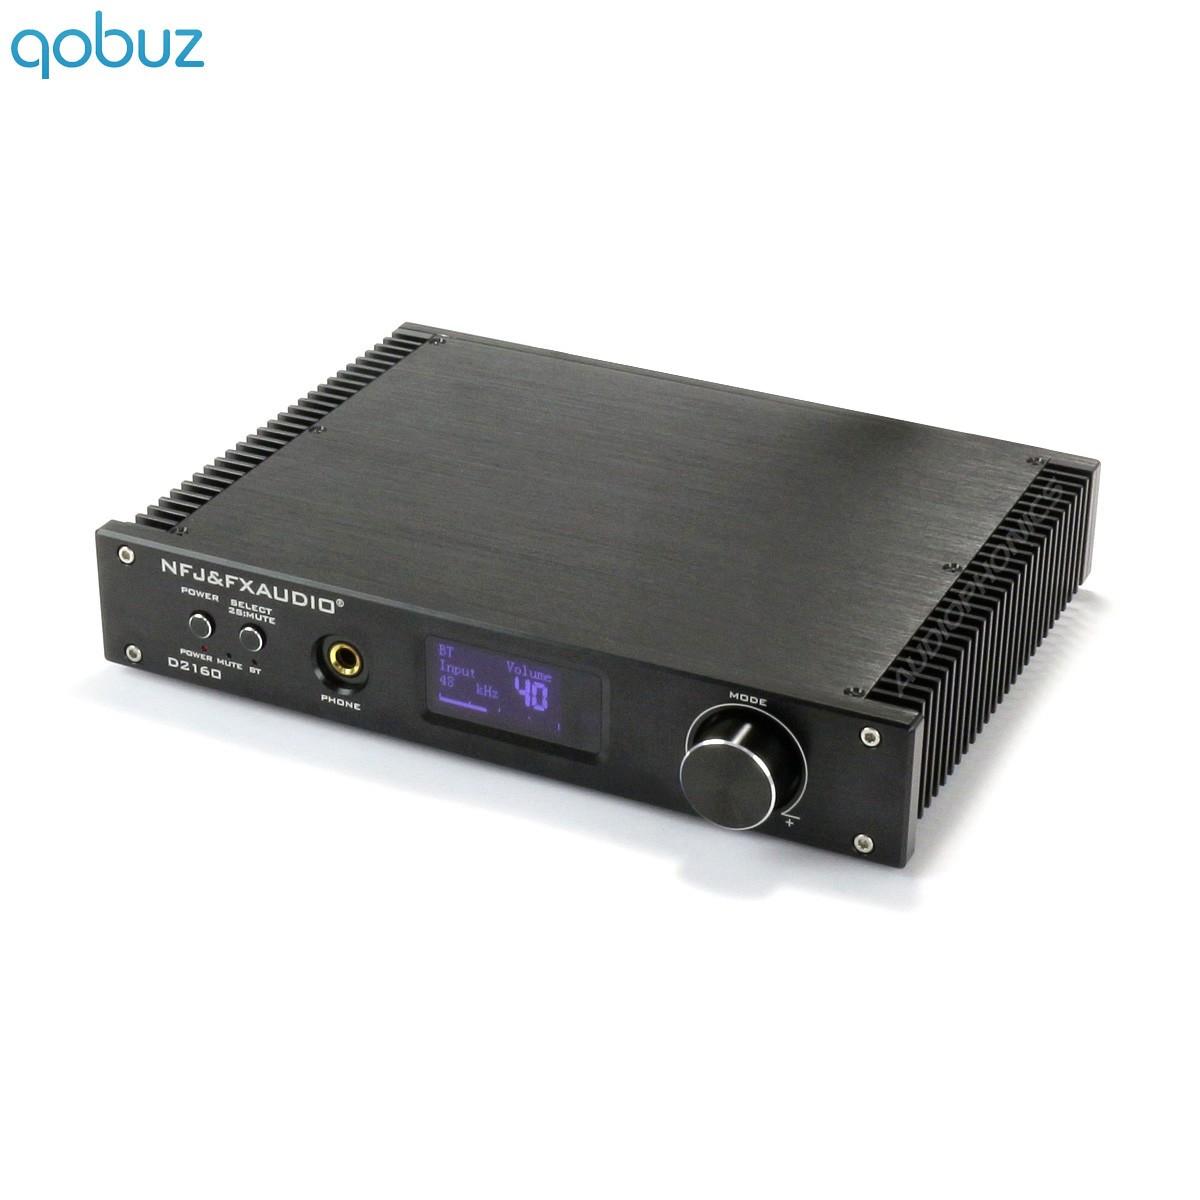 FX-AUDIO D2160 Amplificateur FDA Bluetooth 5 Class D TAS5614 2x125W 4 Ohms Noir